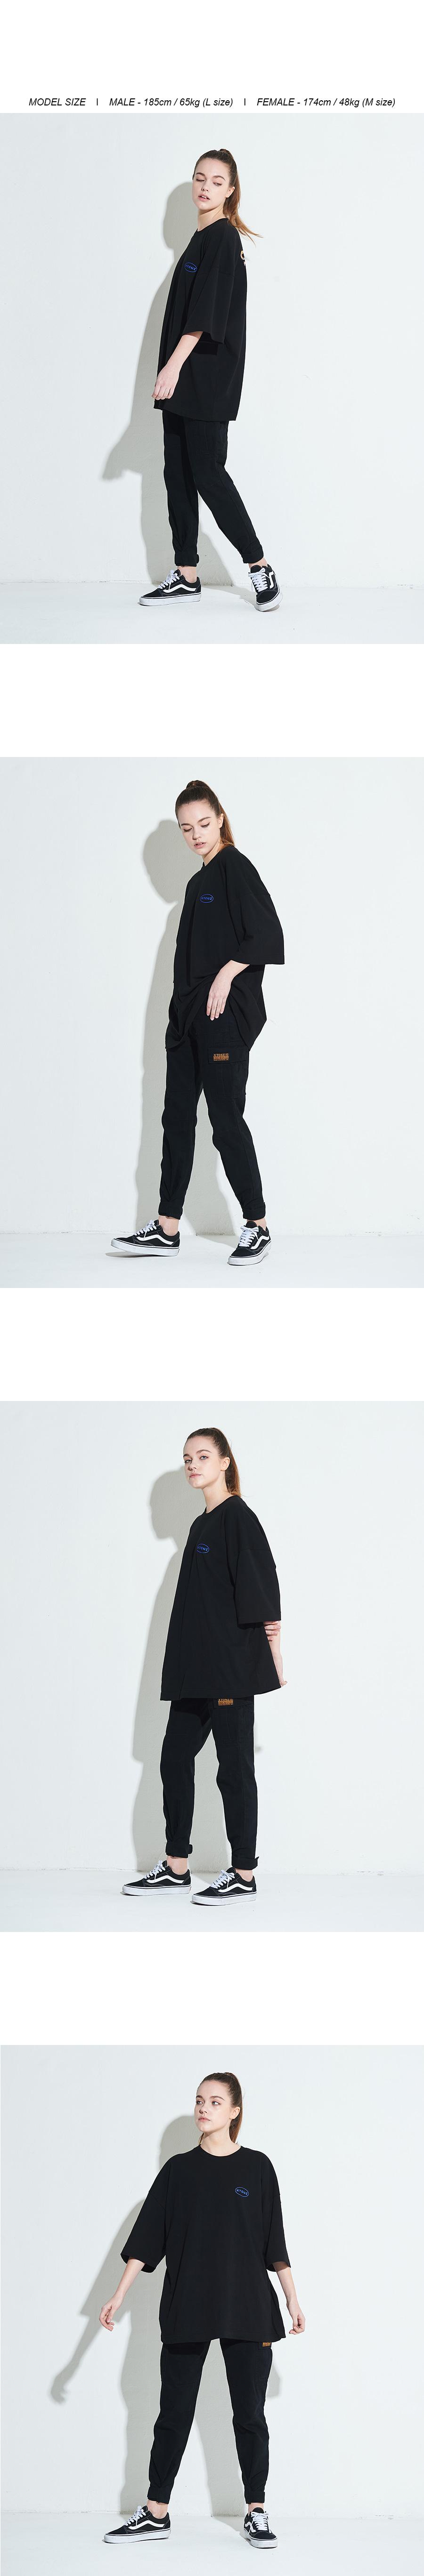 엑스톤즈 XTT006 이테르 오버사이즈 티셔츠 (BLACK)